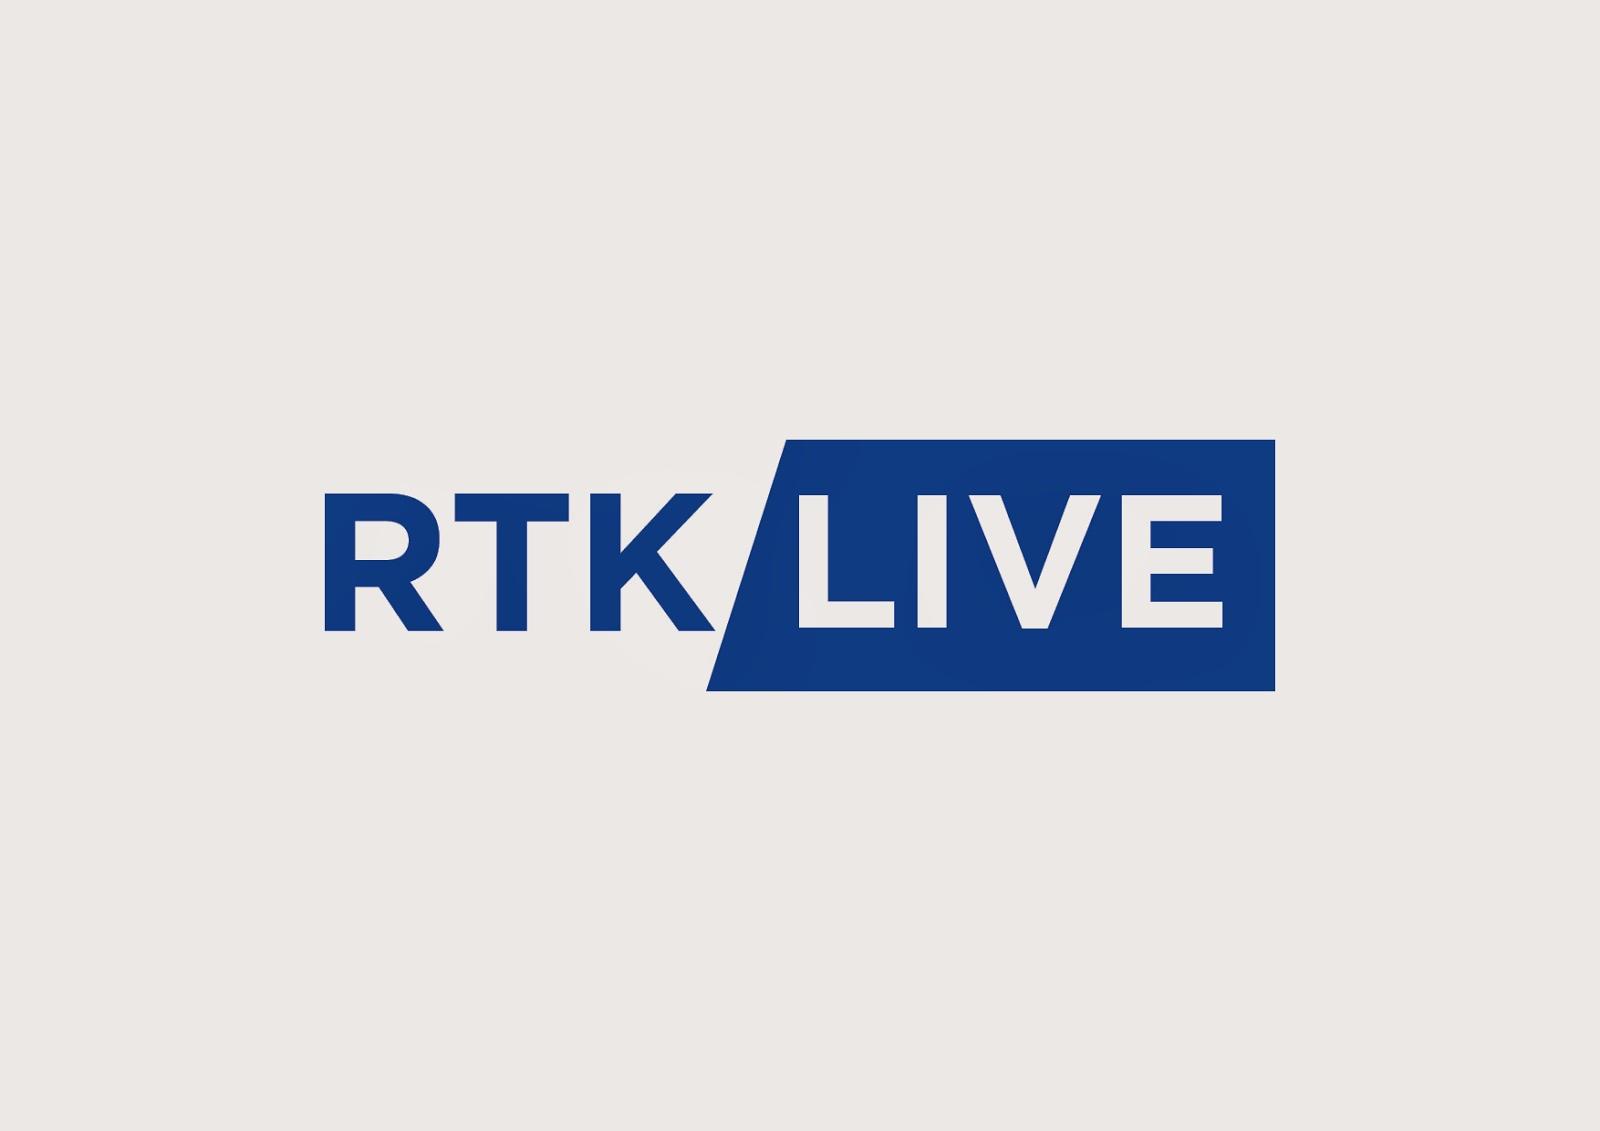 Ww Rtk Live